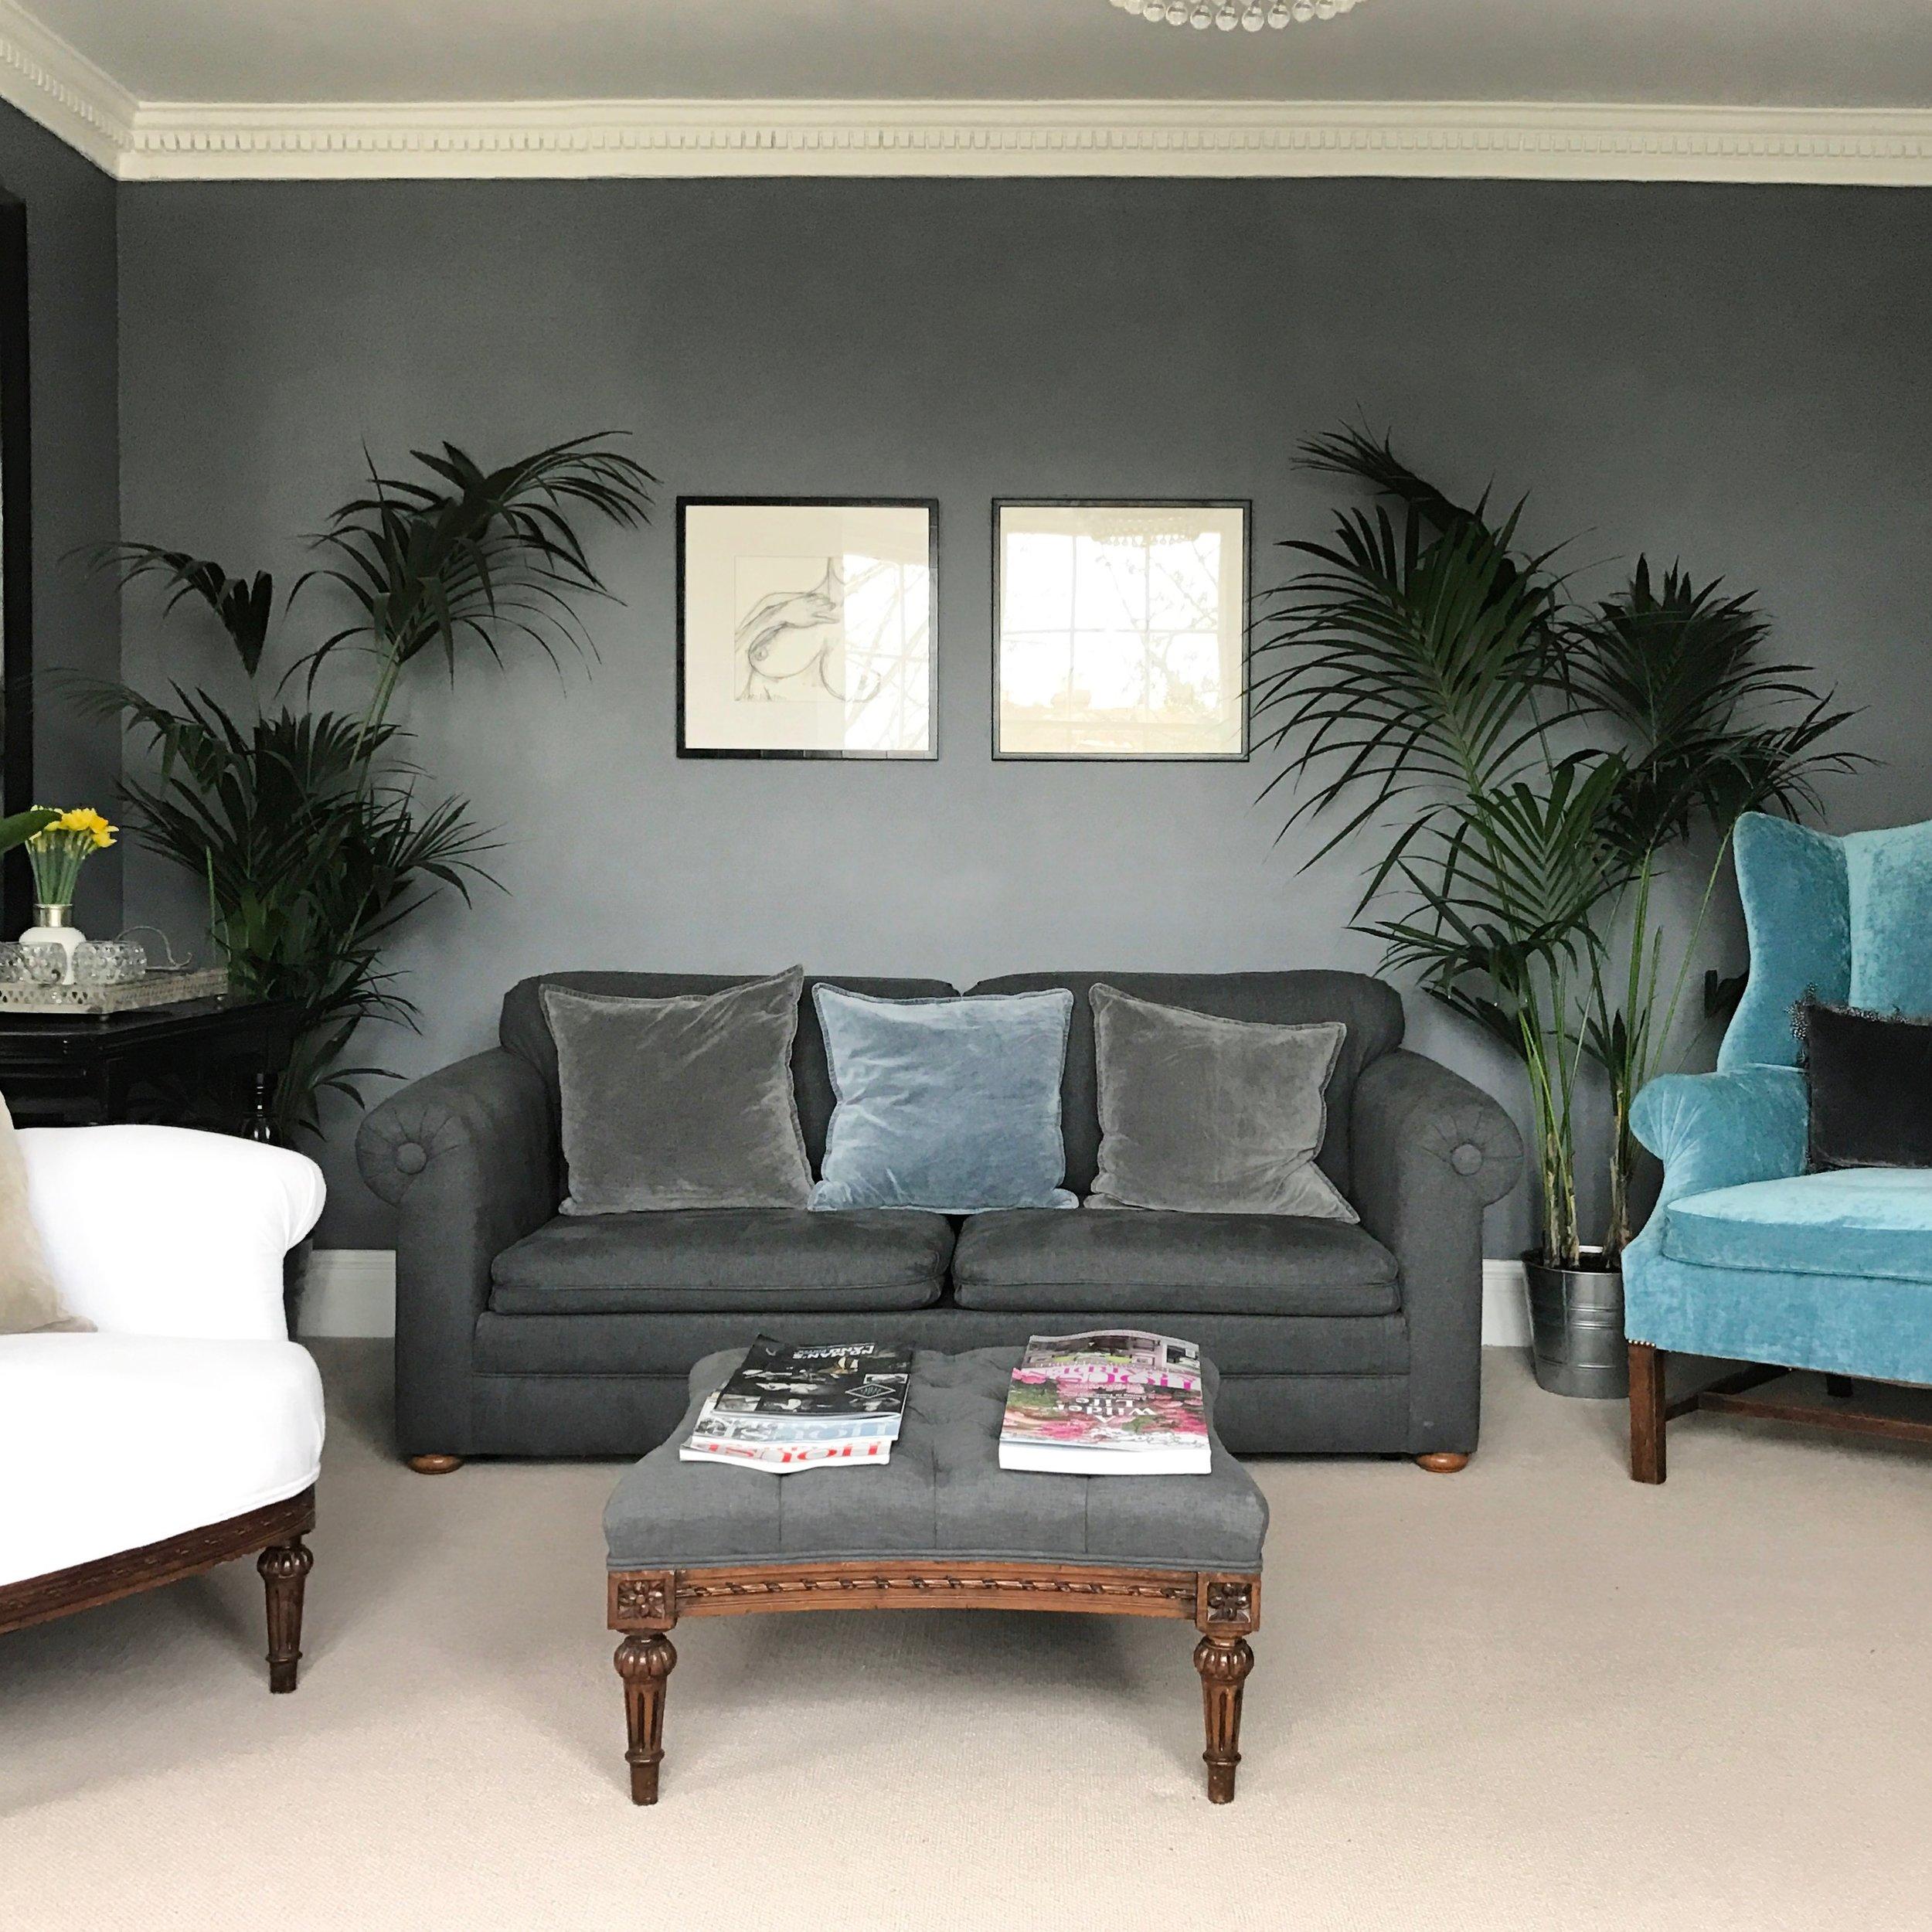 Residential:'Tthe Gray room' design, upholstery & styling.